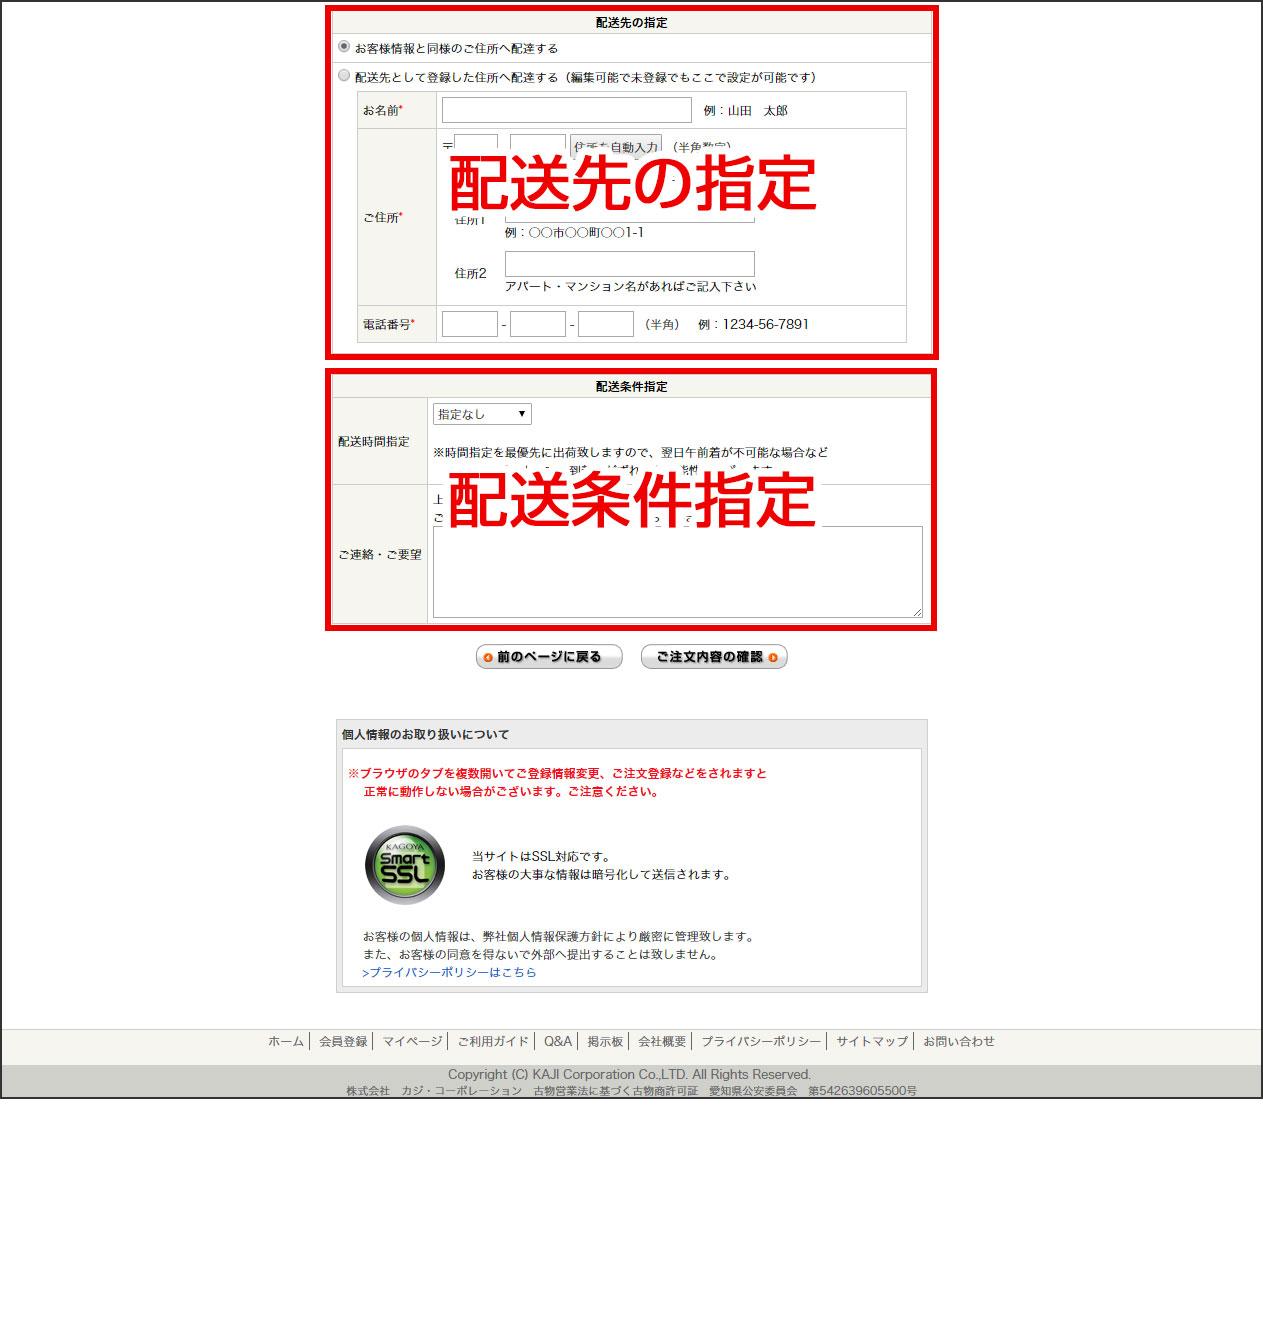 お客様情報・お支払い方法・配送方法の入力